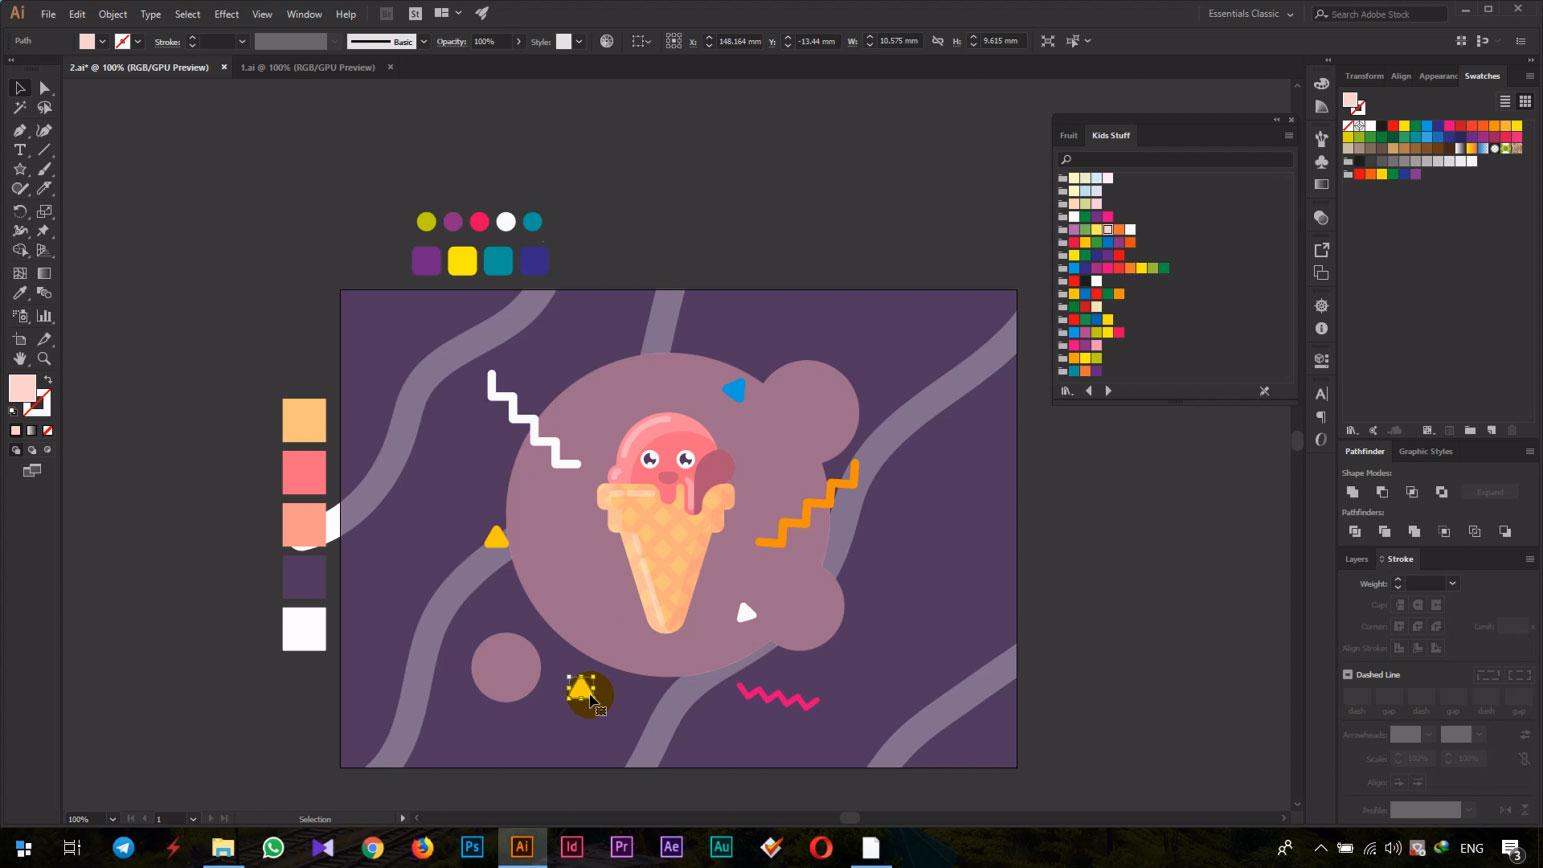 نرم افزار ادوبی ایلستراتور (Adobe Illustrator) بستنی